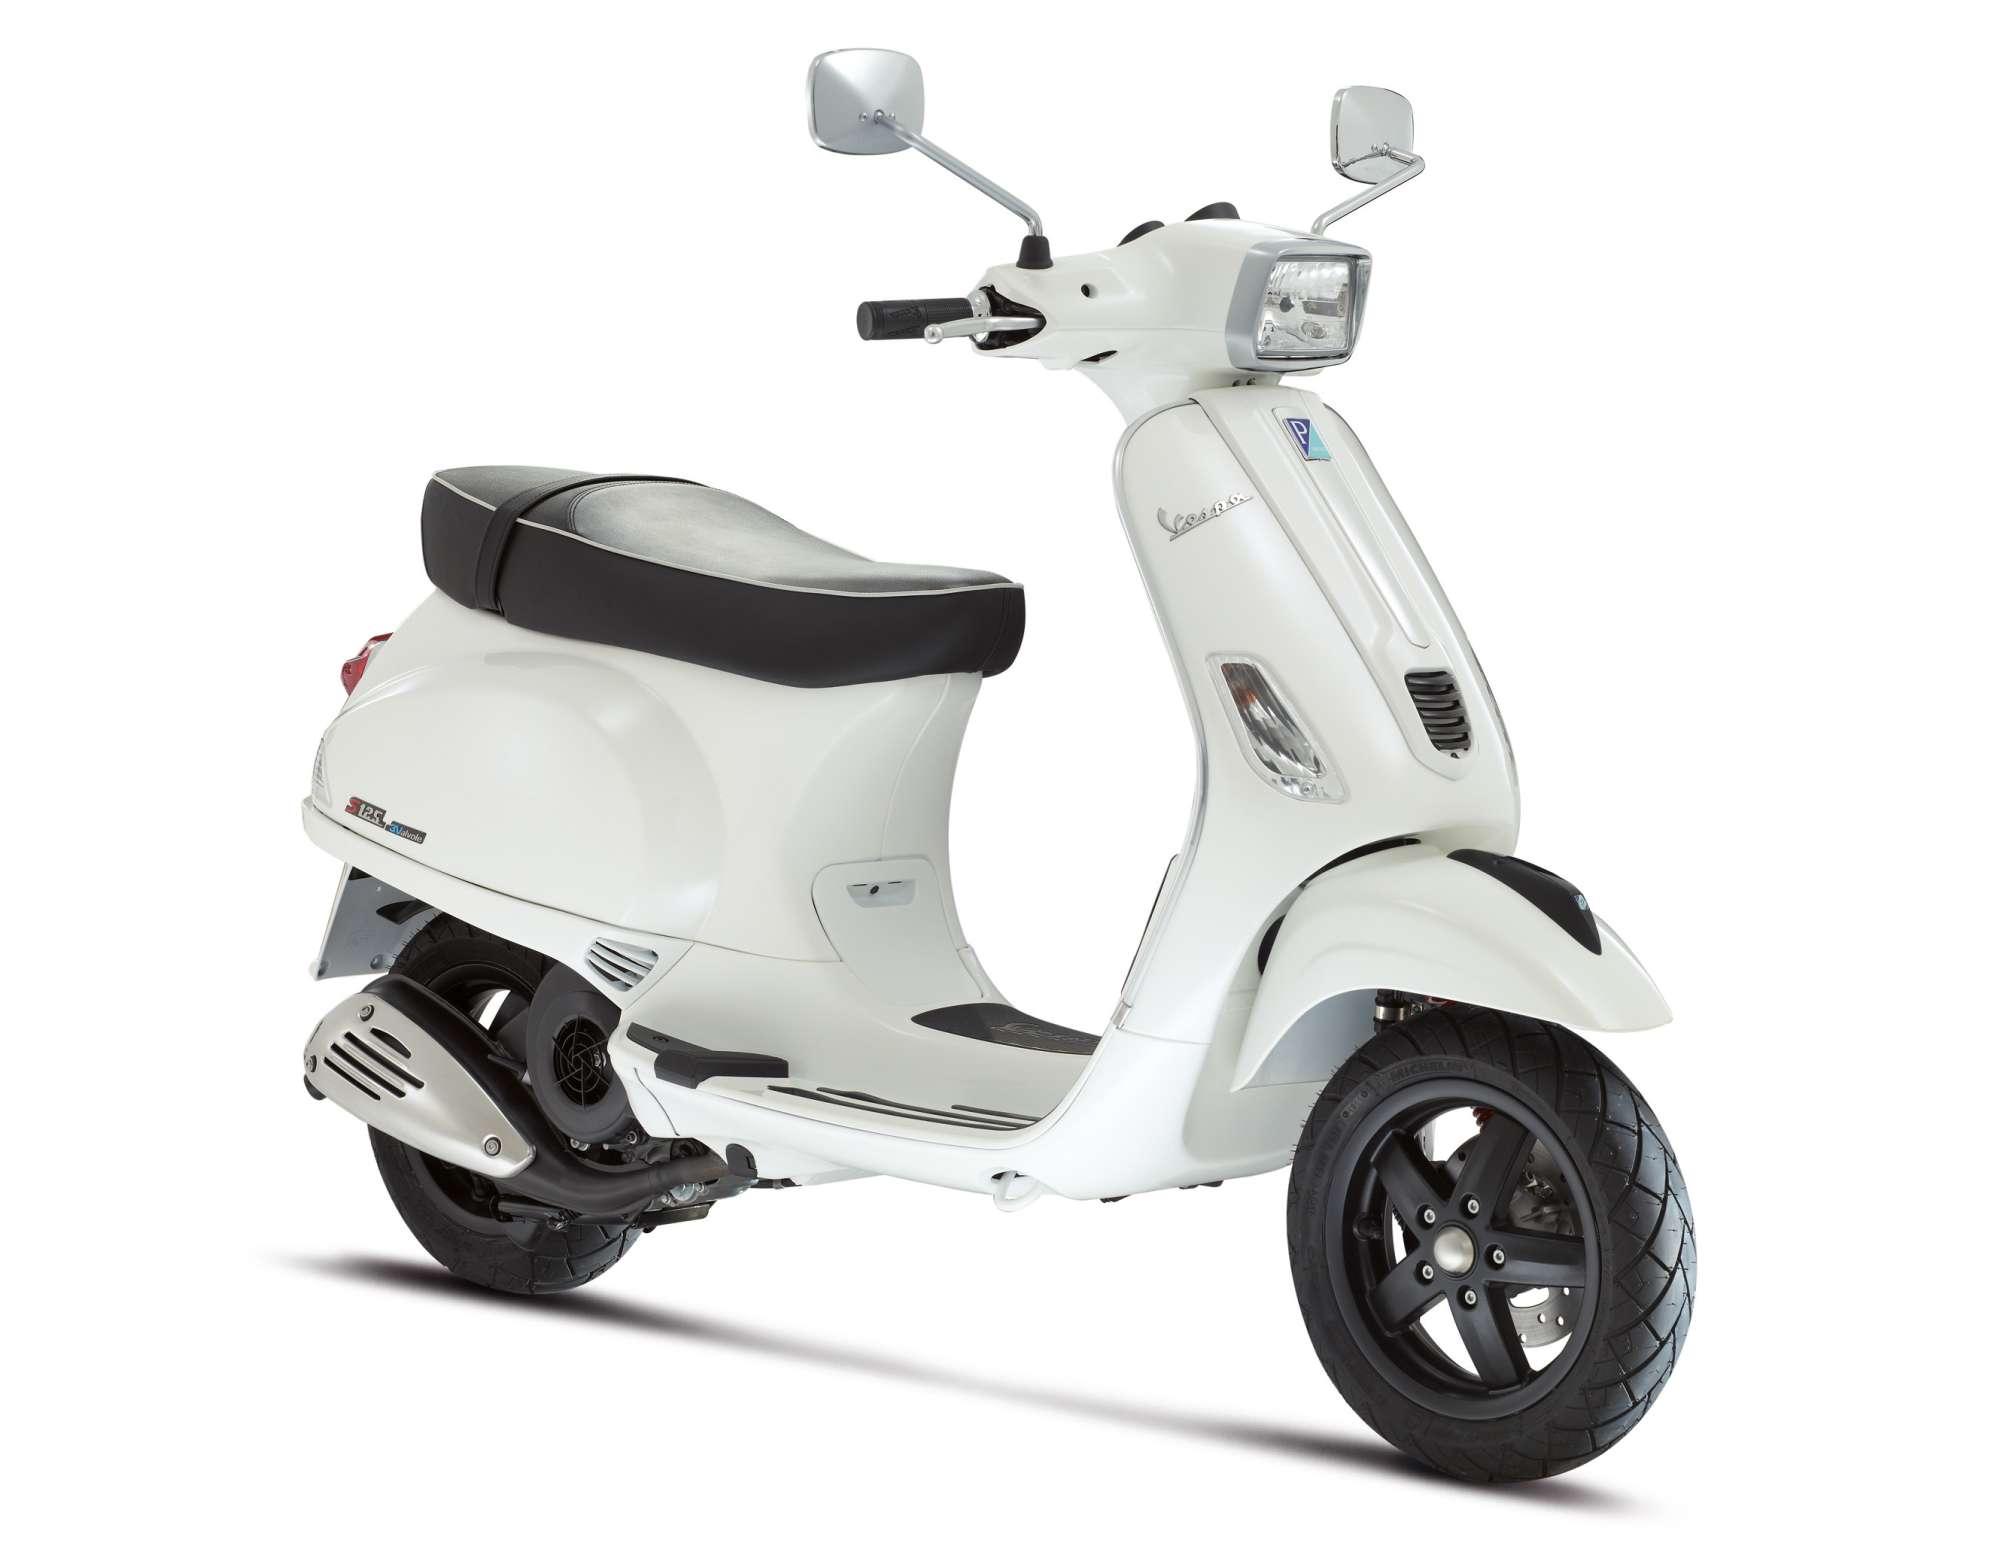 Lml Vespa Scooter Latest Model